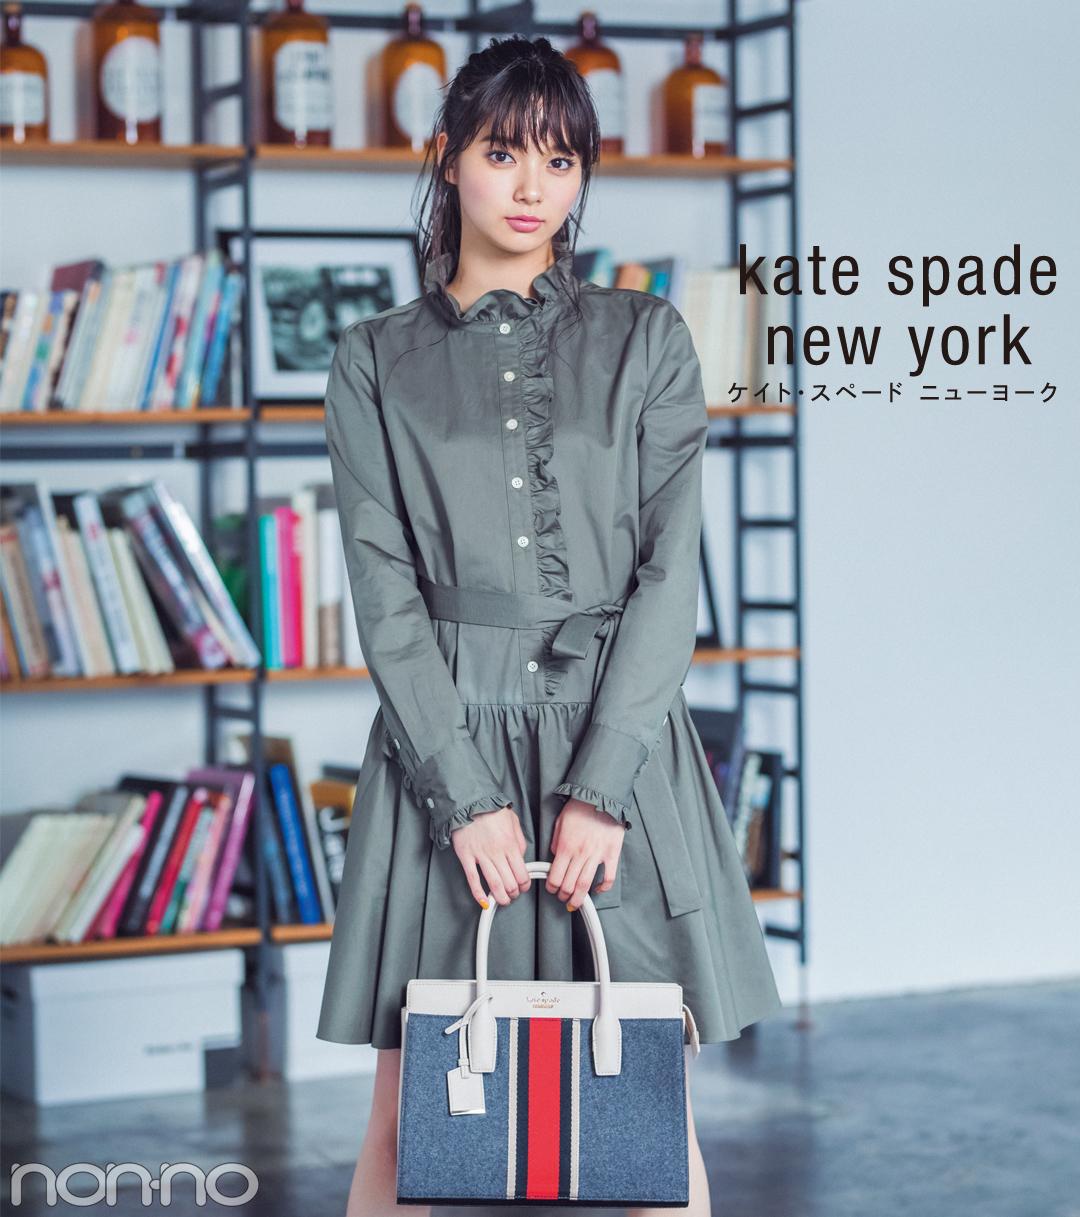 ケイト・スペードのバッグ、この秋買うトートは?(カワイイ選抜の口コミつき!)_1_1